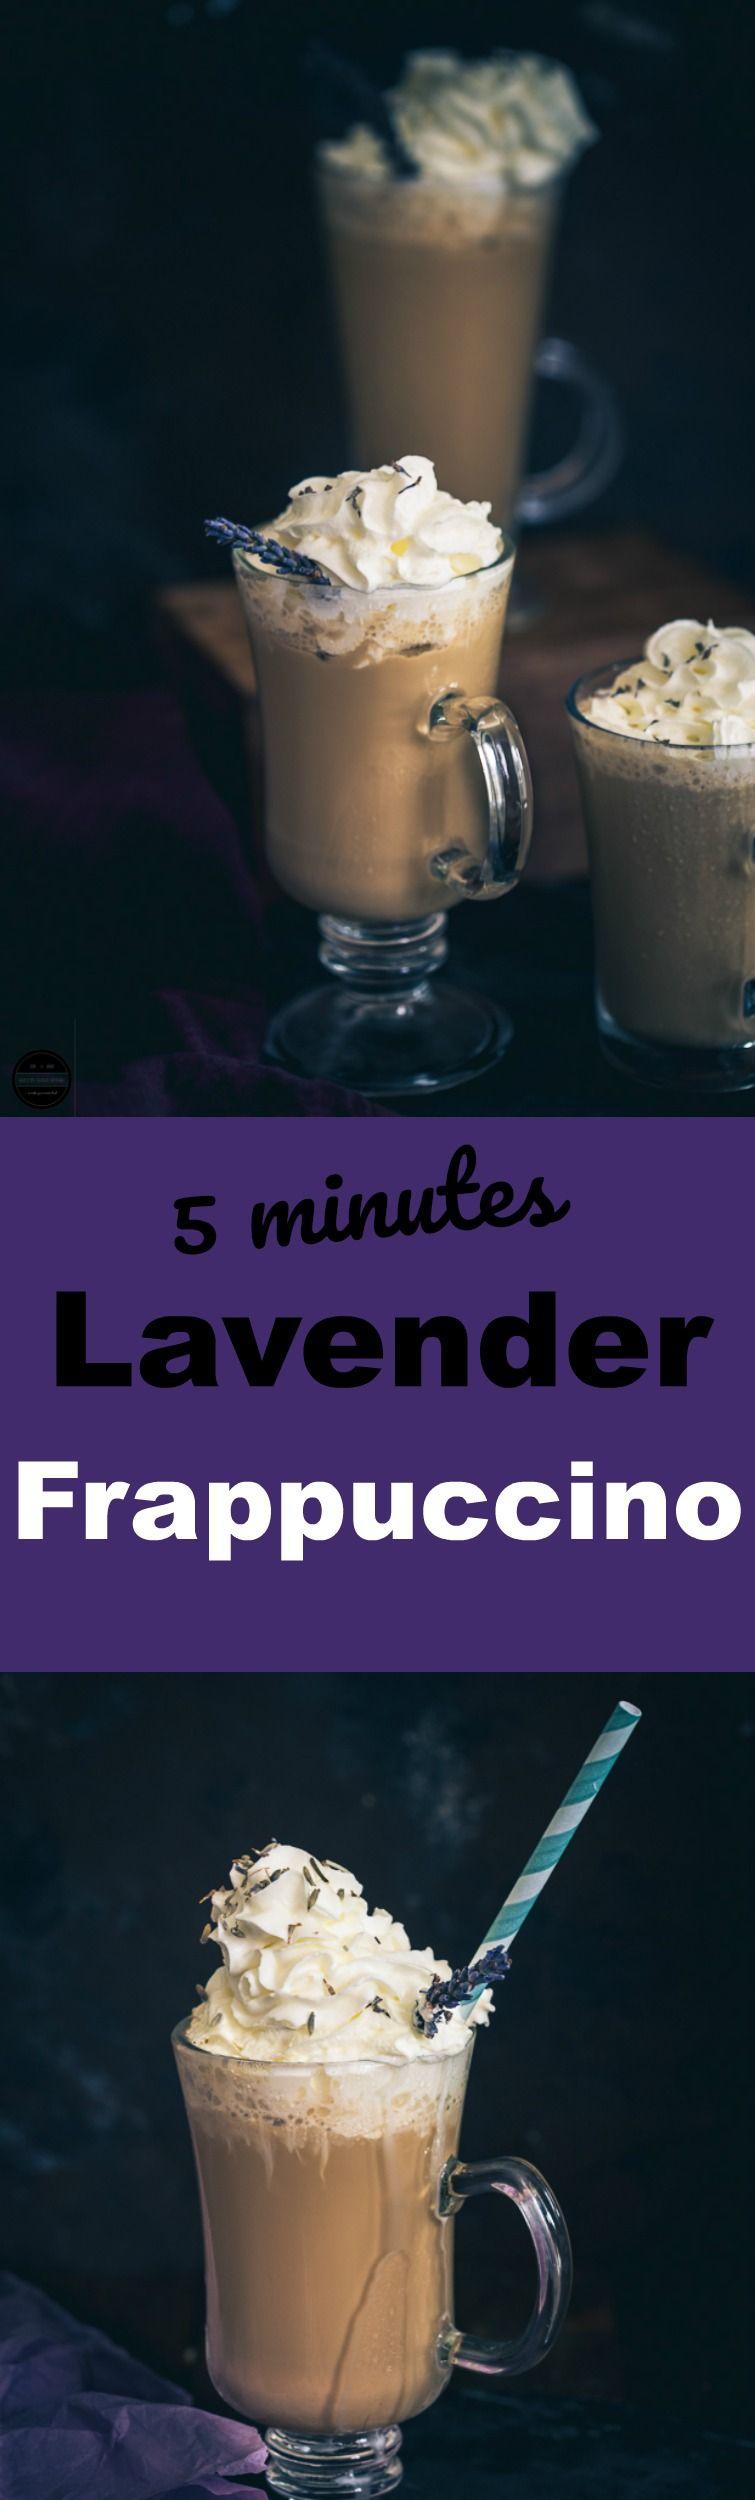 Mayfield Copycat Lavender Frappuccino Recipe Recipes Delicious Drink Recipes Food